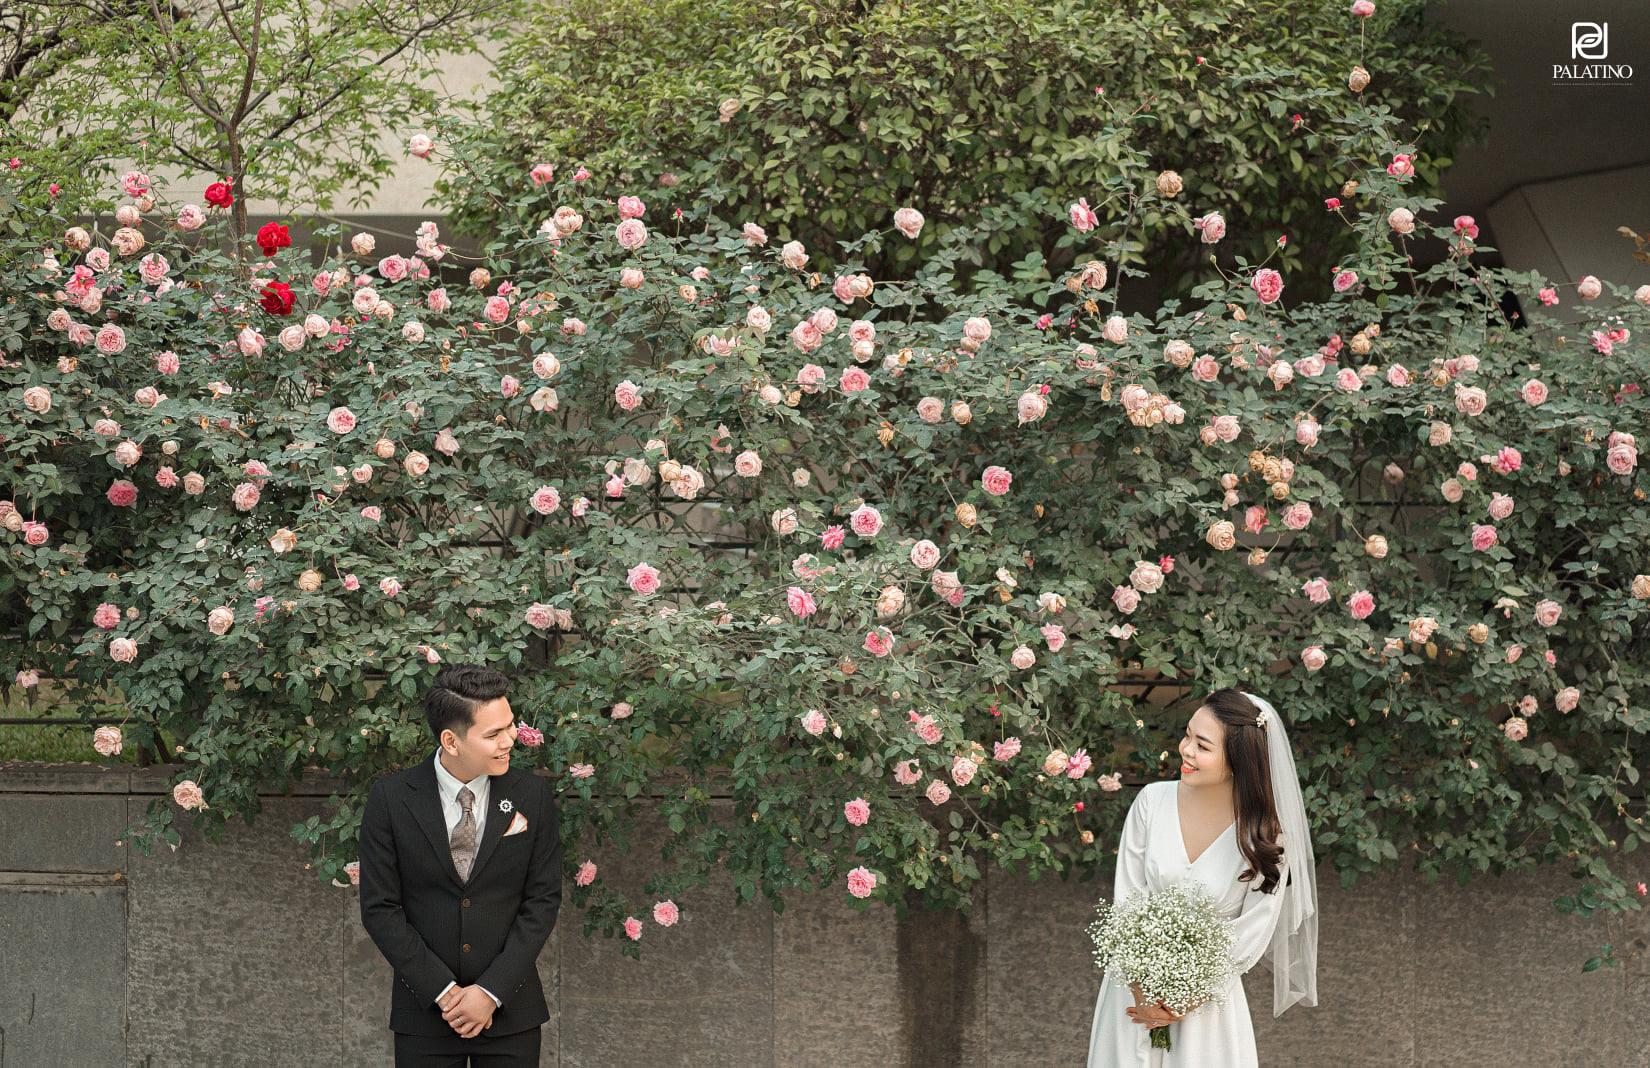 Phong cách chụp ảnh cưới tự nhiên